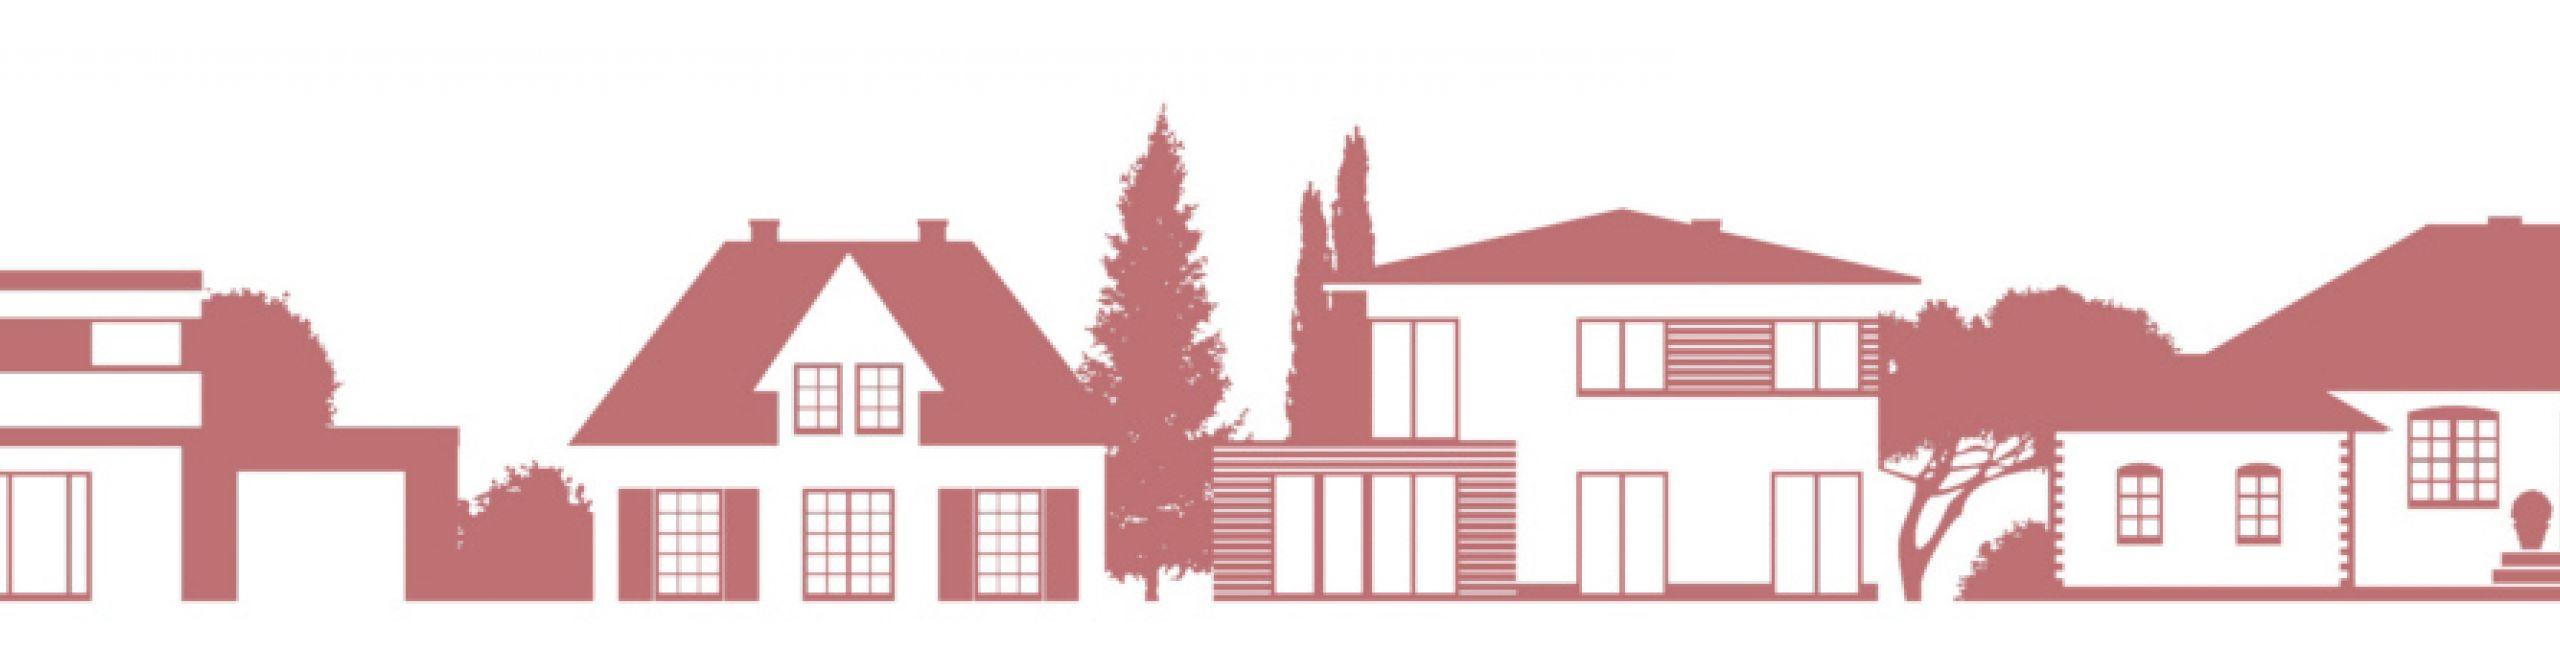 wohnung haus mieten kaufen rodgau r dermark horch immobilien. Black Bedroom Furniture Sets. Home Design Ideas